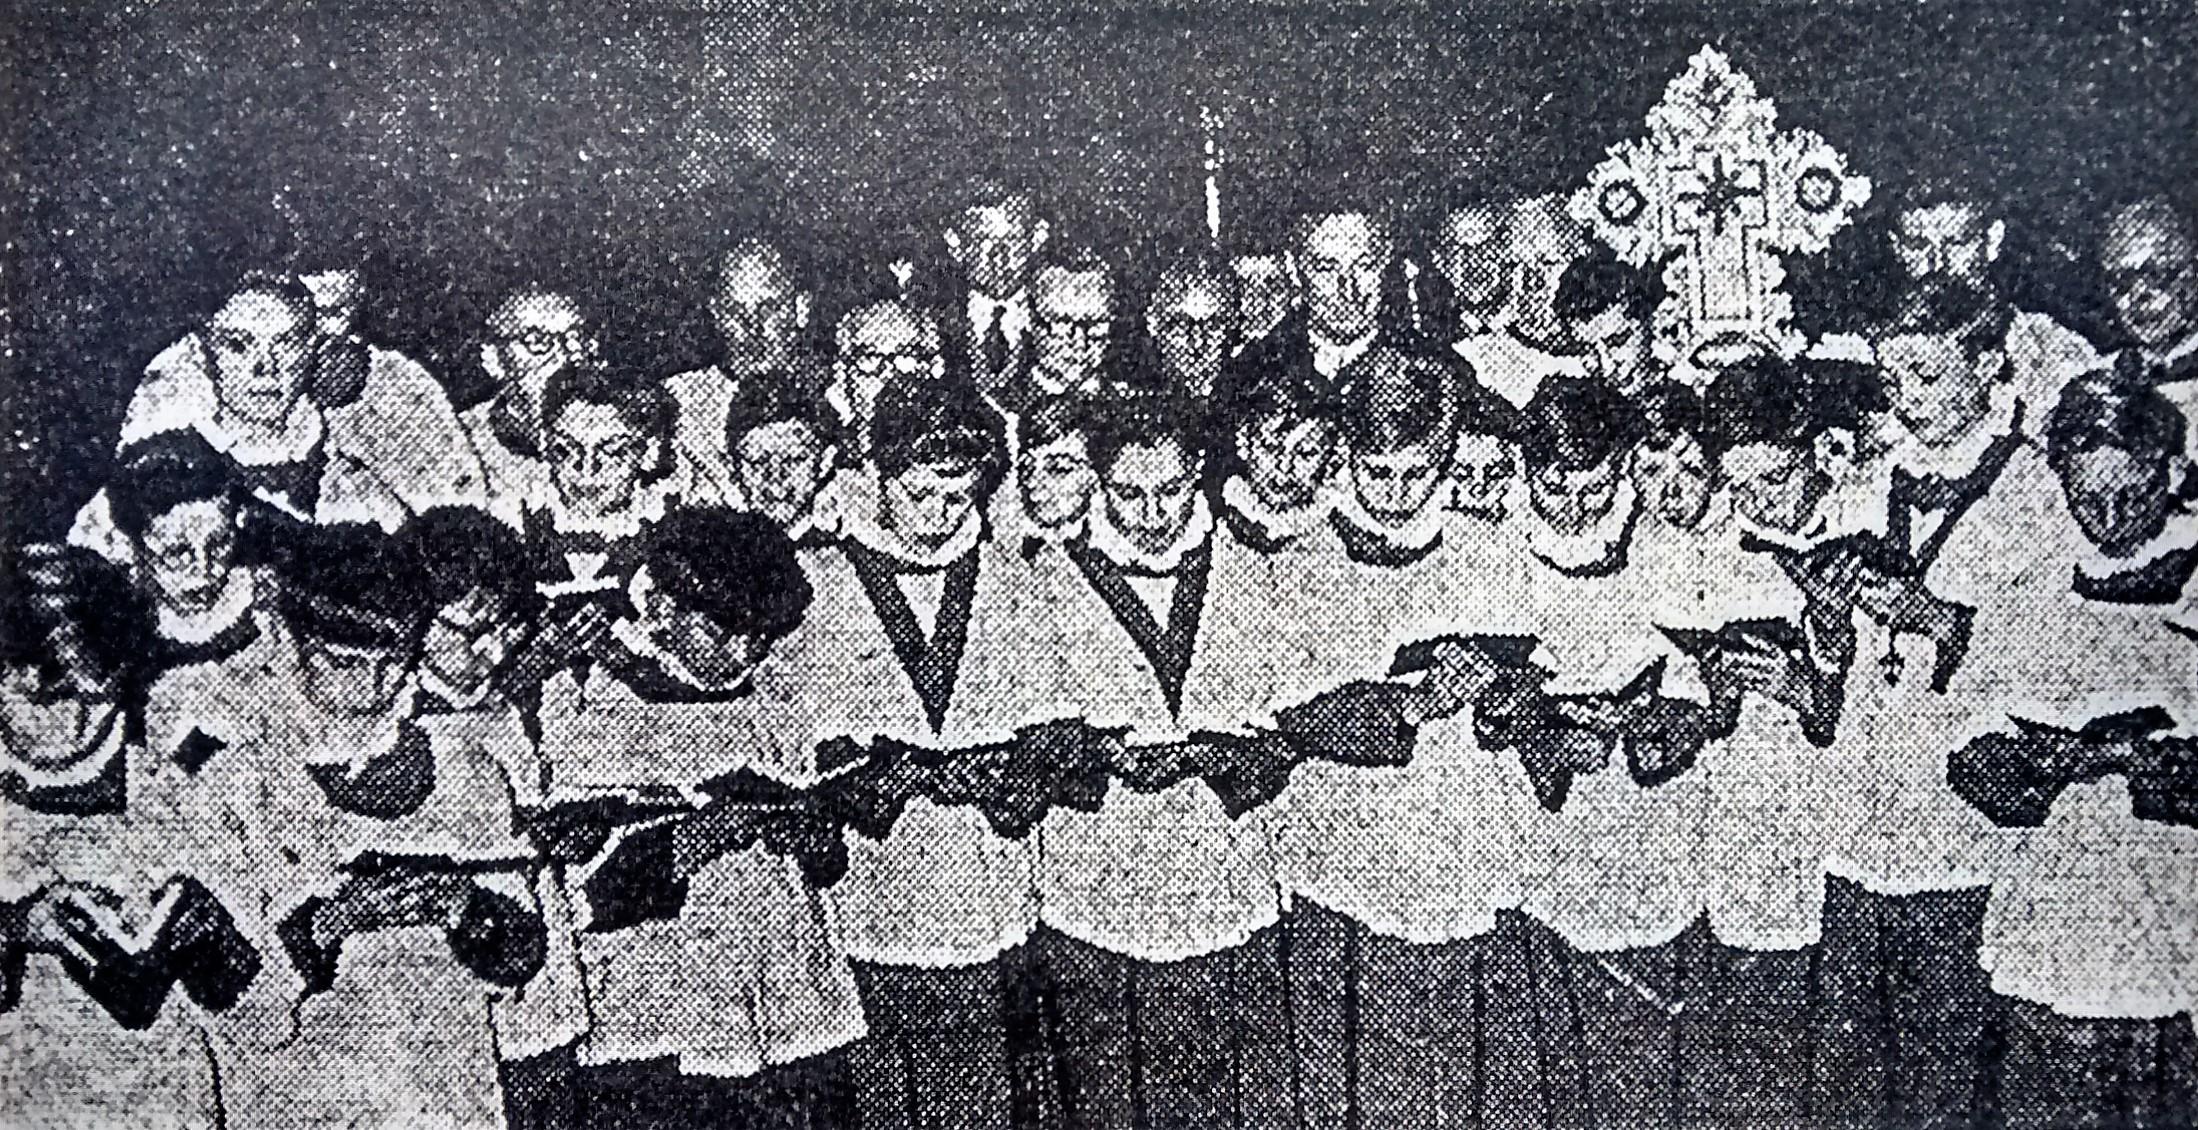 St Helen's Church. Choir photograph from an unknown date.